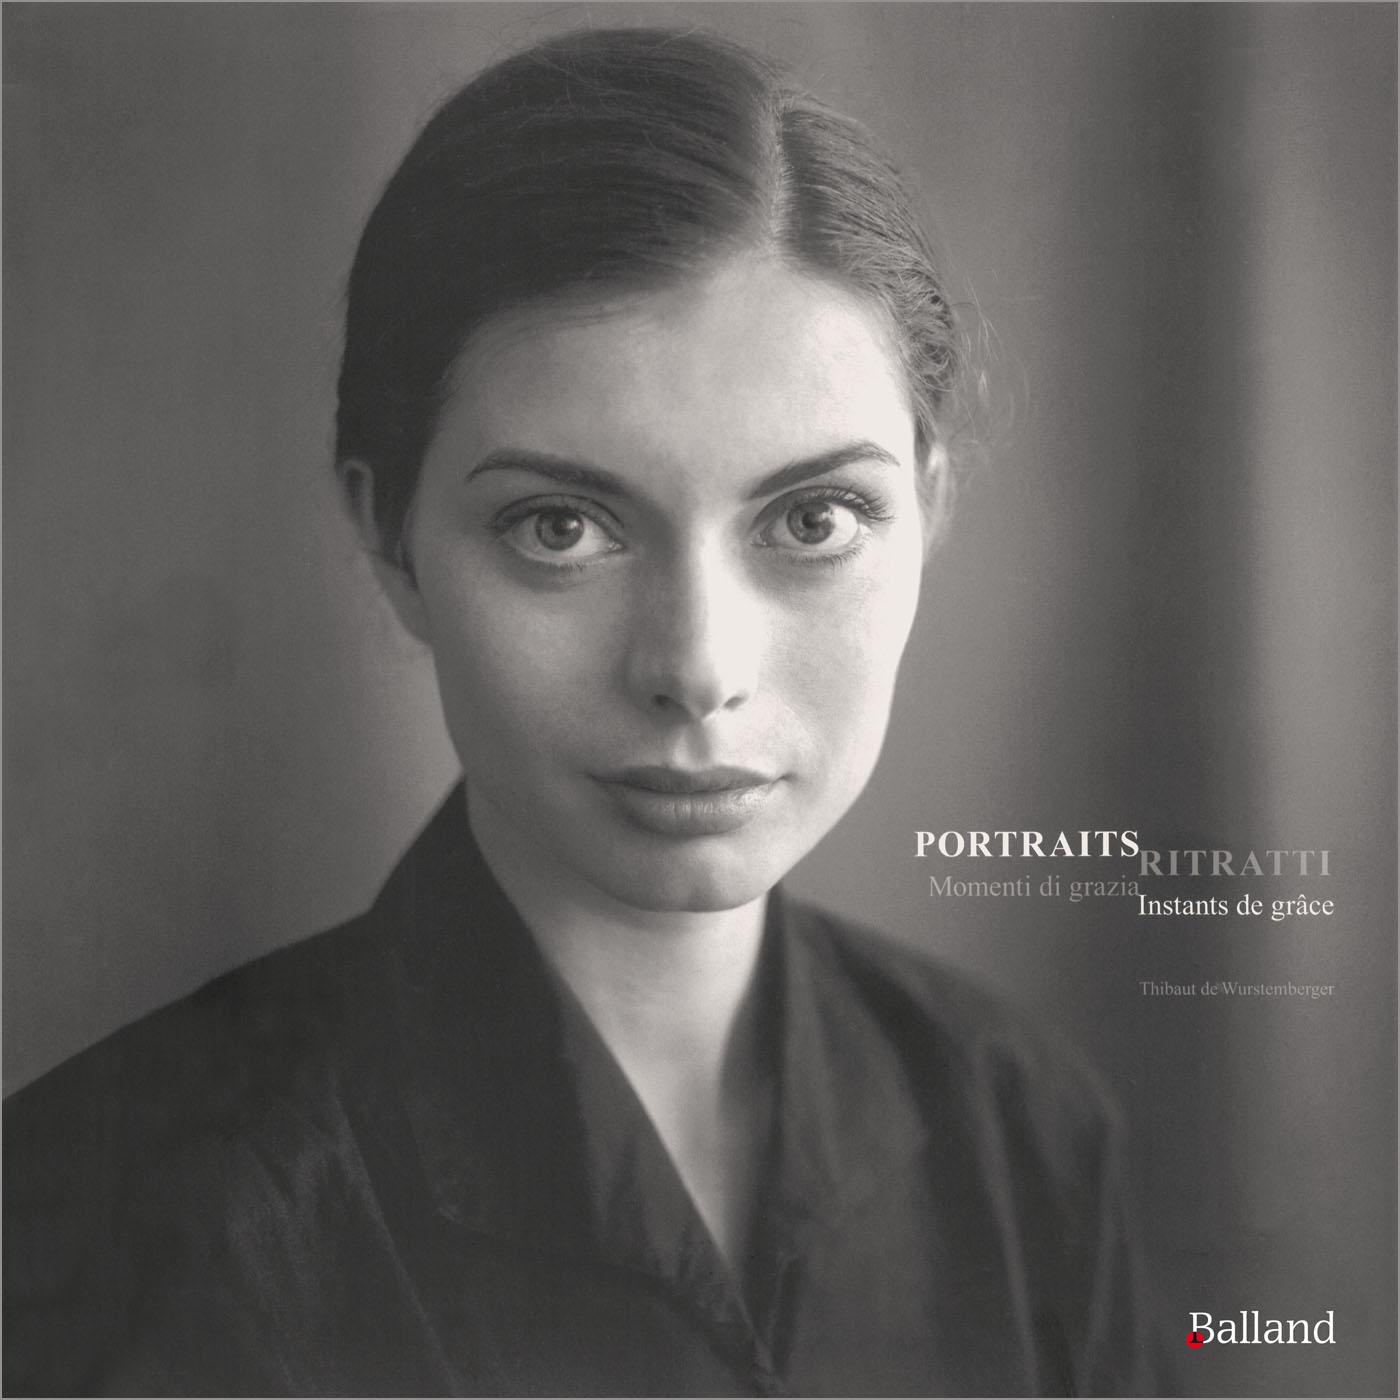 Portraits - Instants de grâce